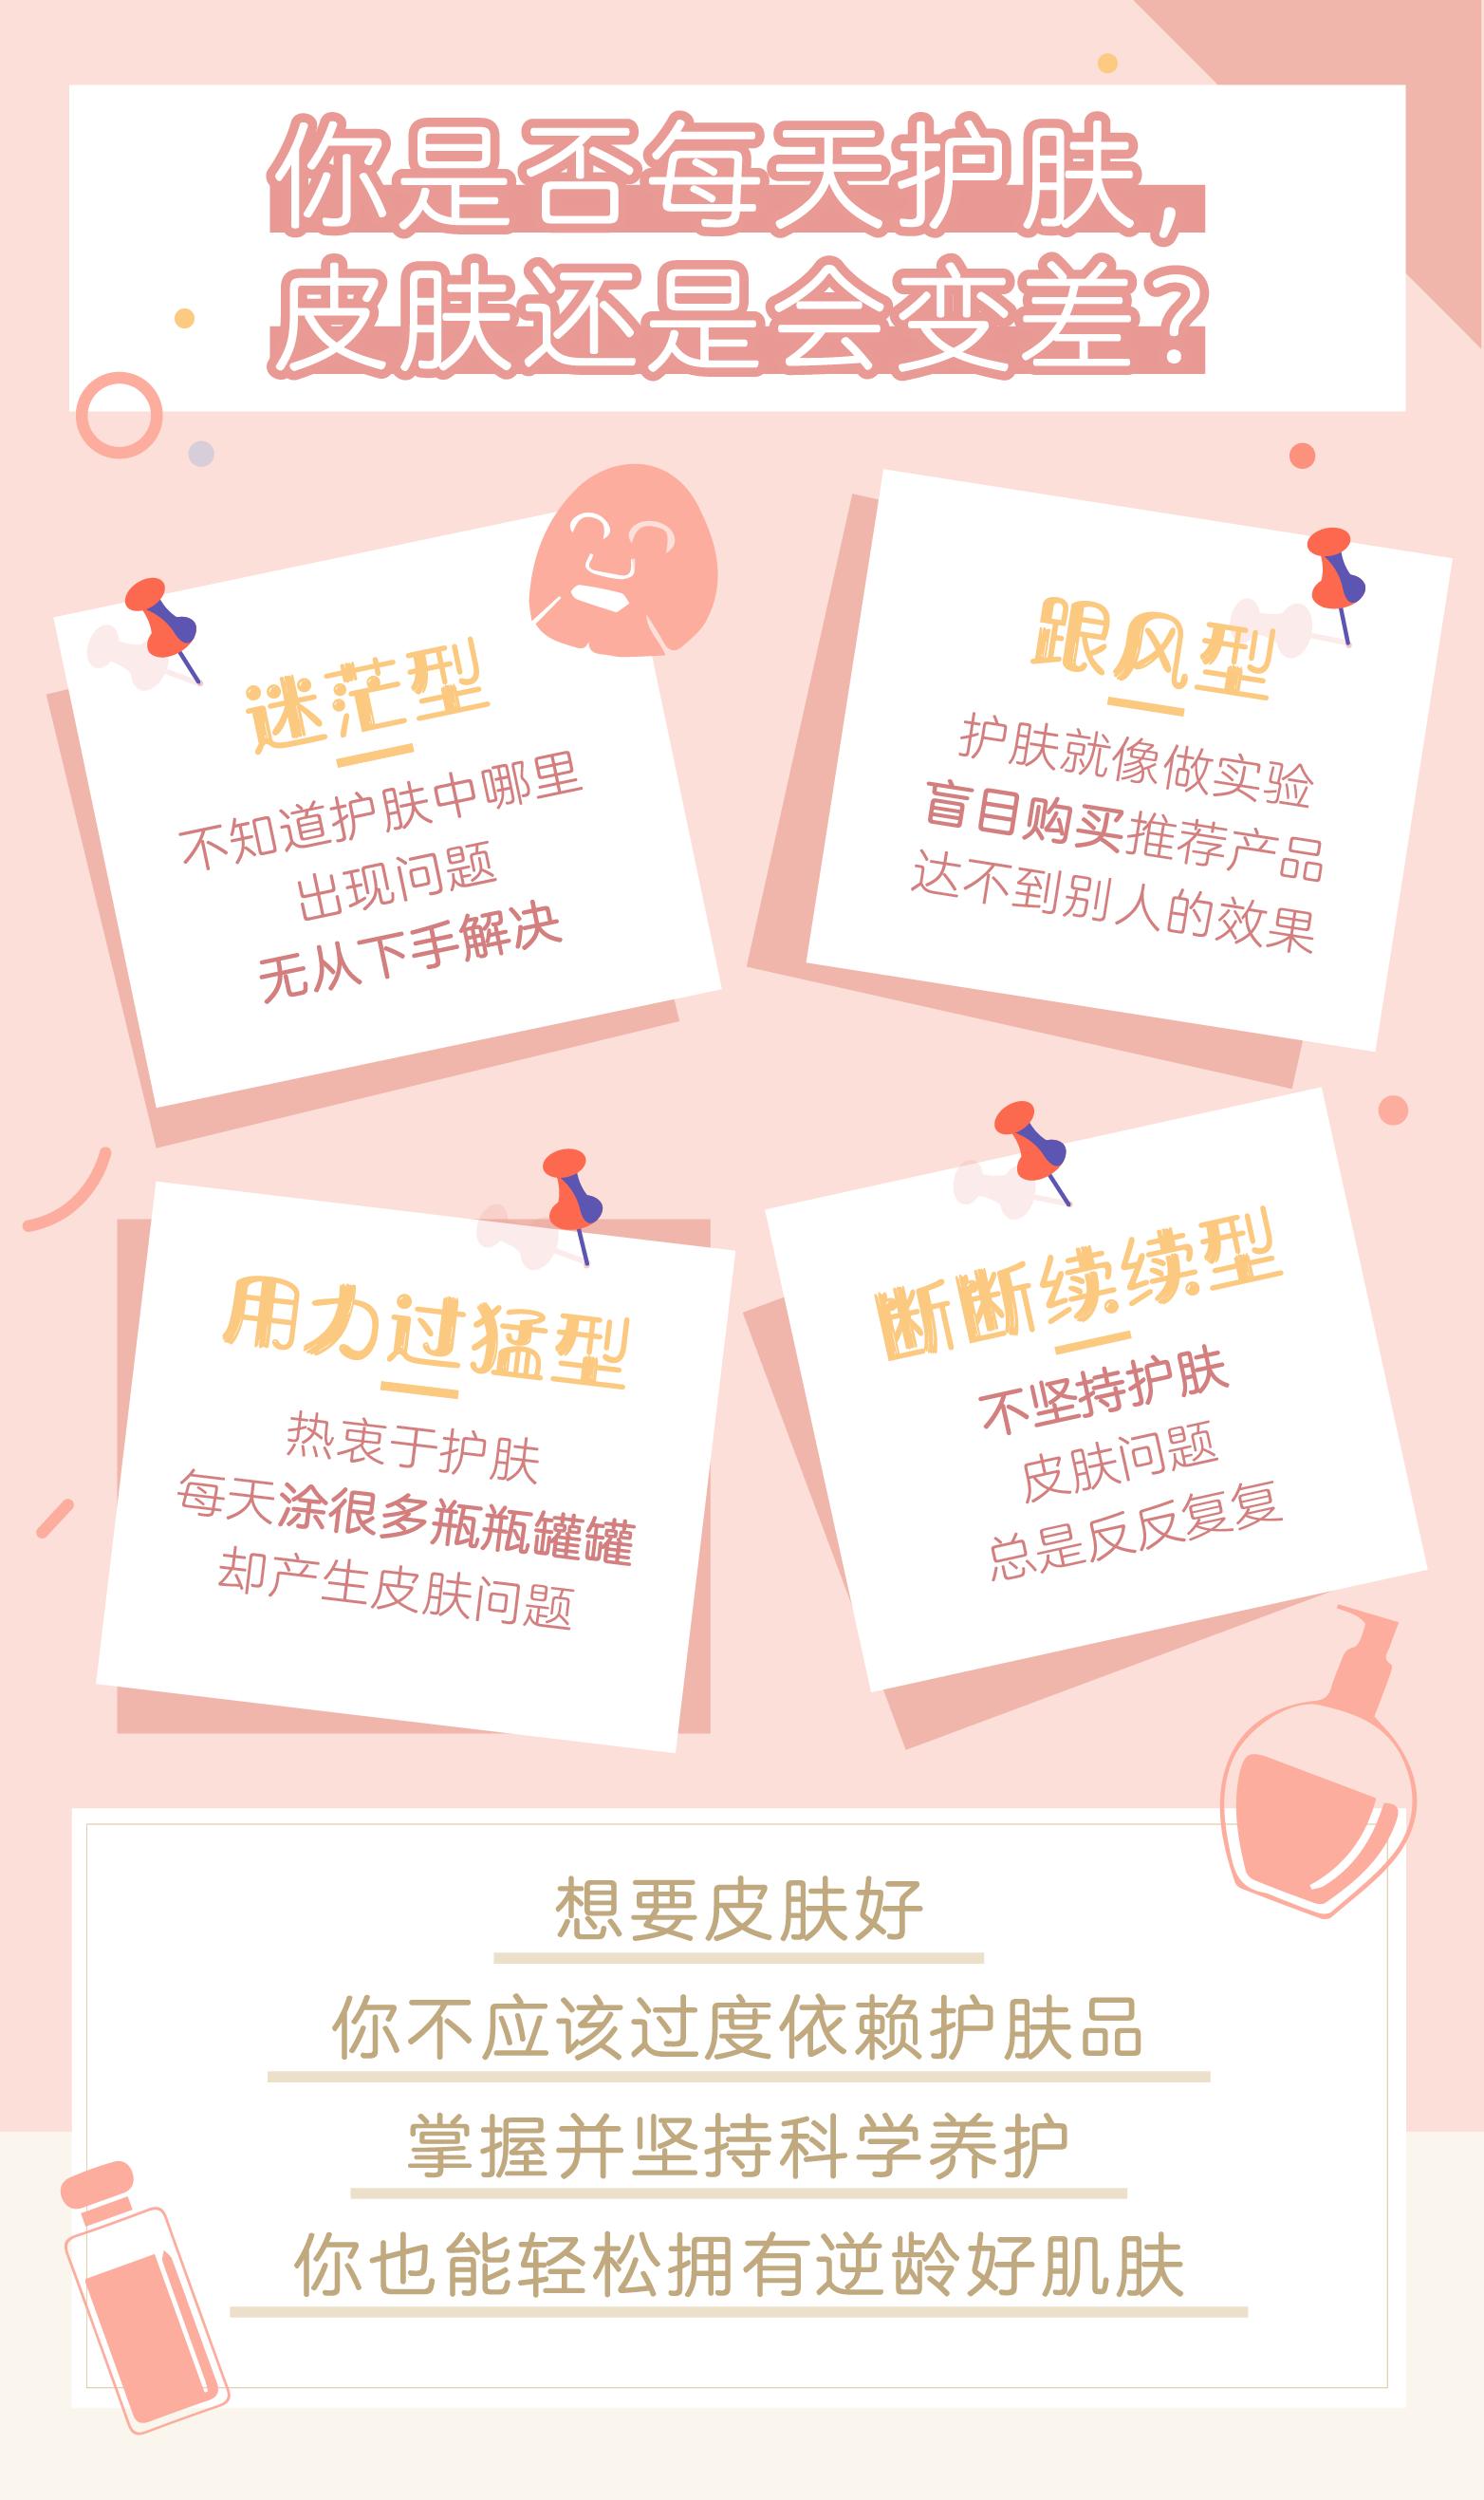 李慧伦护肤课-详情页_画板 1.png